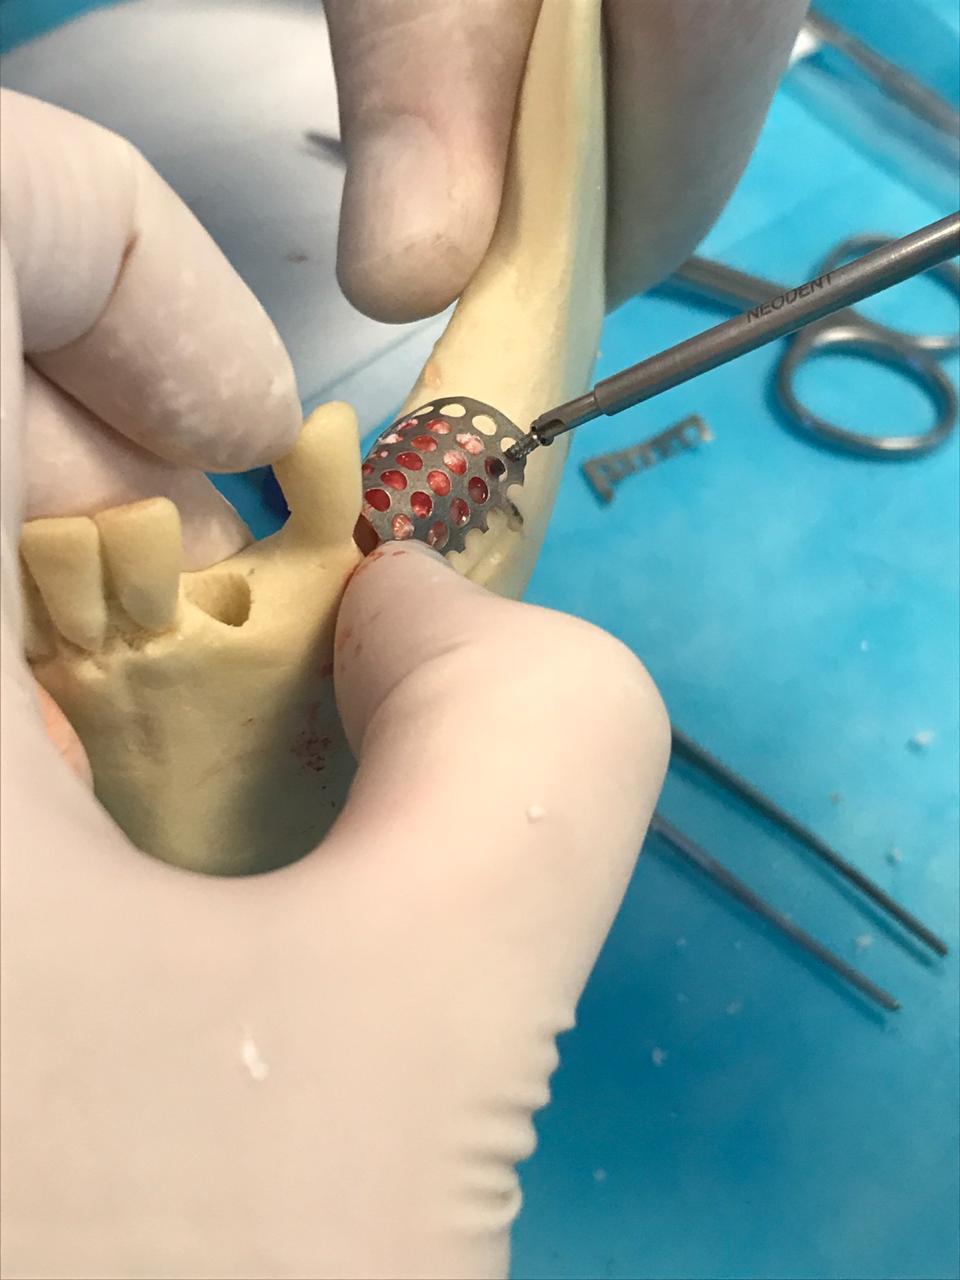 regeneración de tejidos, reconstrucción ósea e implantología avanzada